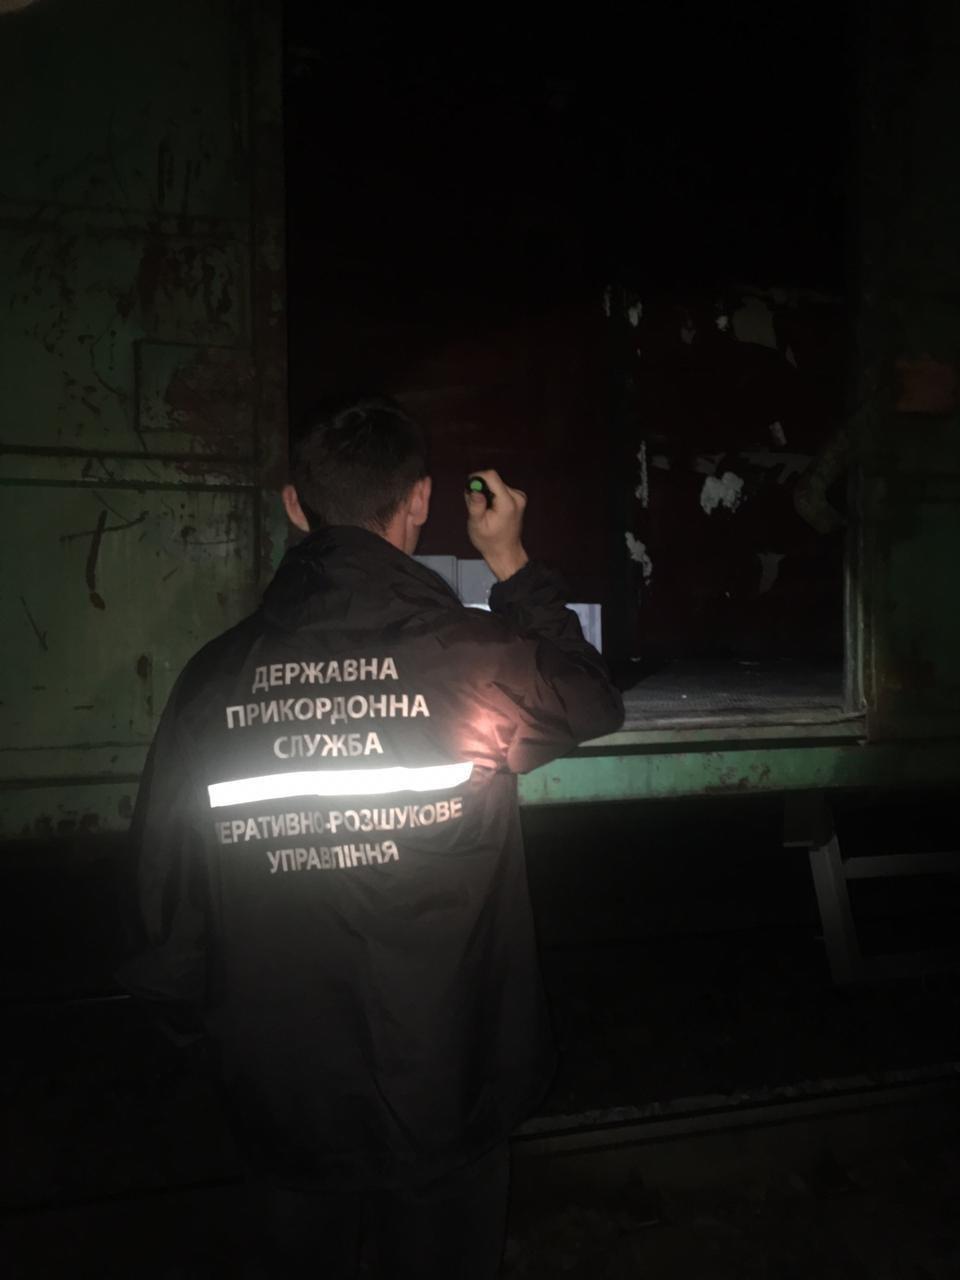 Хотели переправить в РФ контрабанду: под Харьковом «накрыли» поезд с тремя тоннами орехов, - ФОТО , фото-4